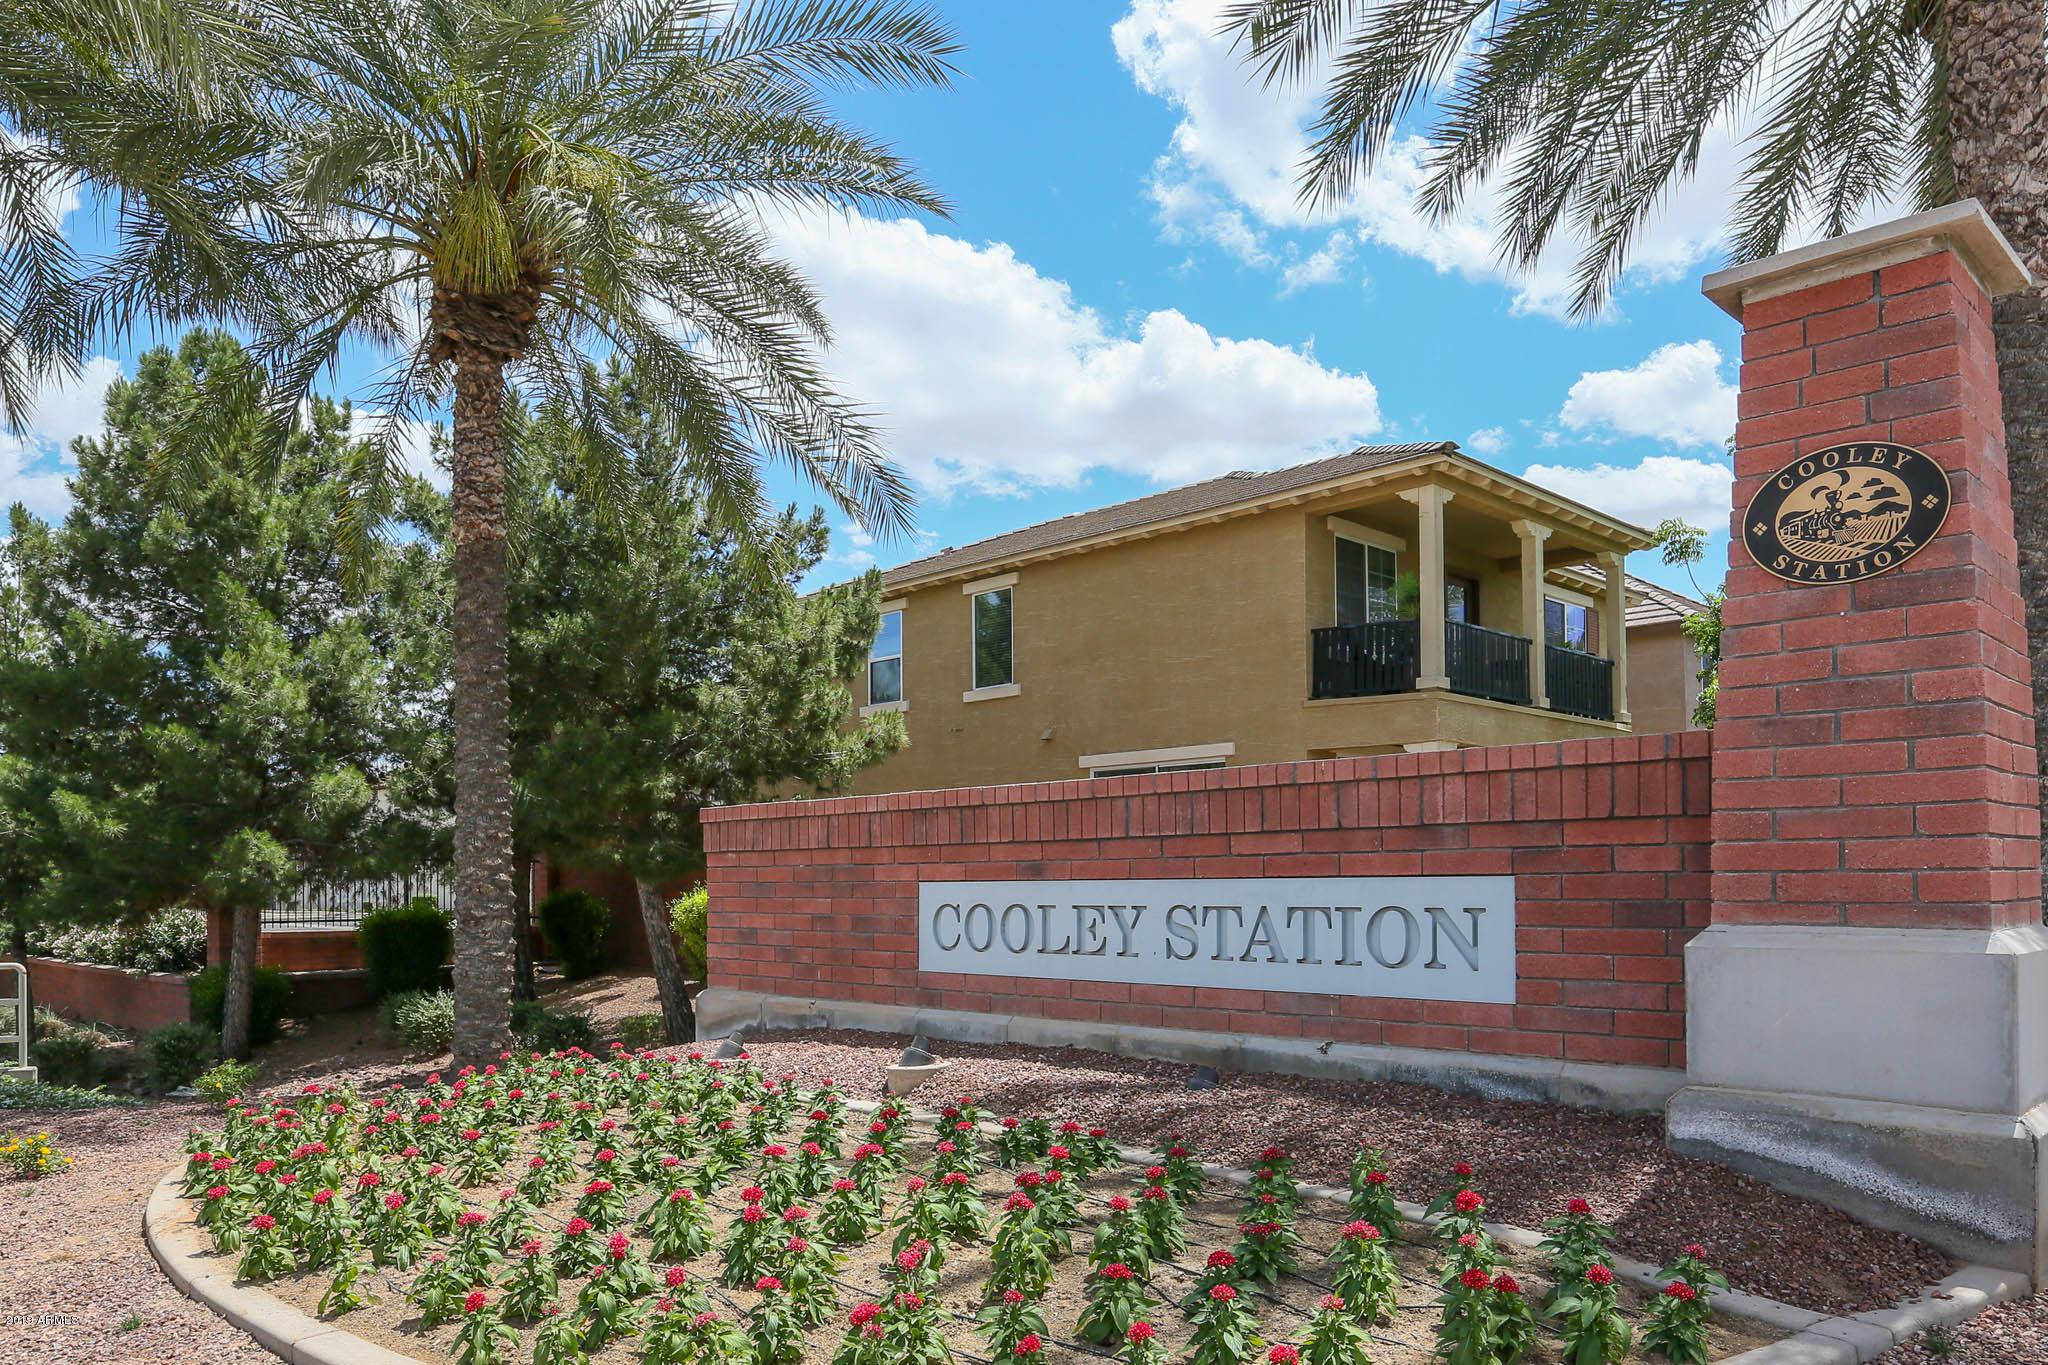 MLS 5928781 844 S HENRY Lane Building Lot 18, Gilbert, AZ 85296 Gilbert AZ Cooley Station